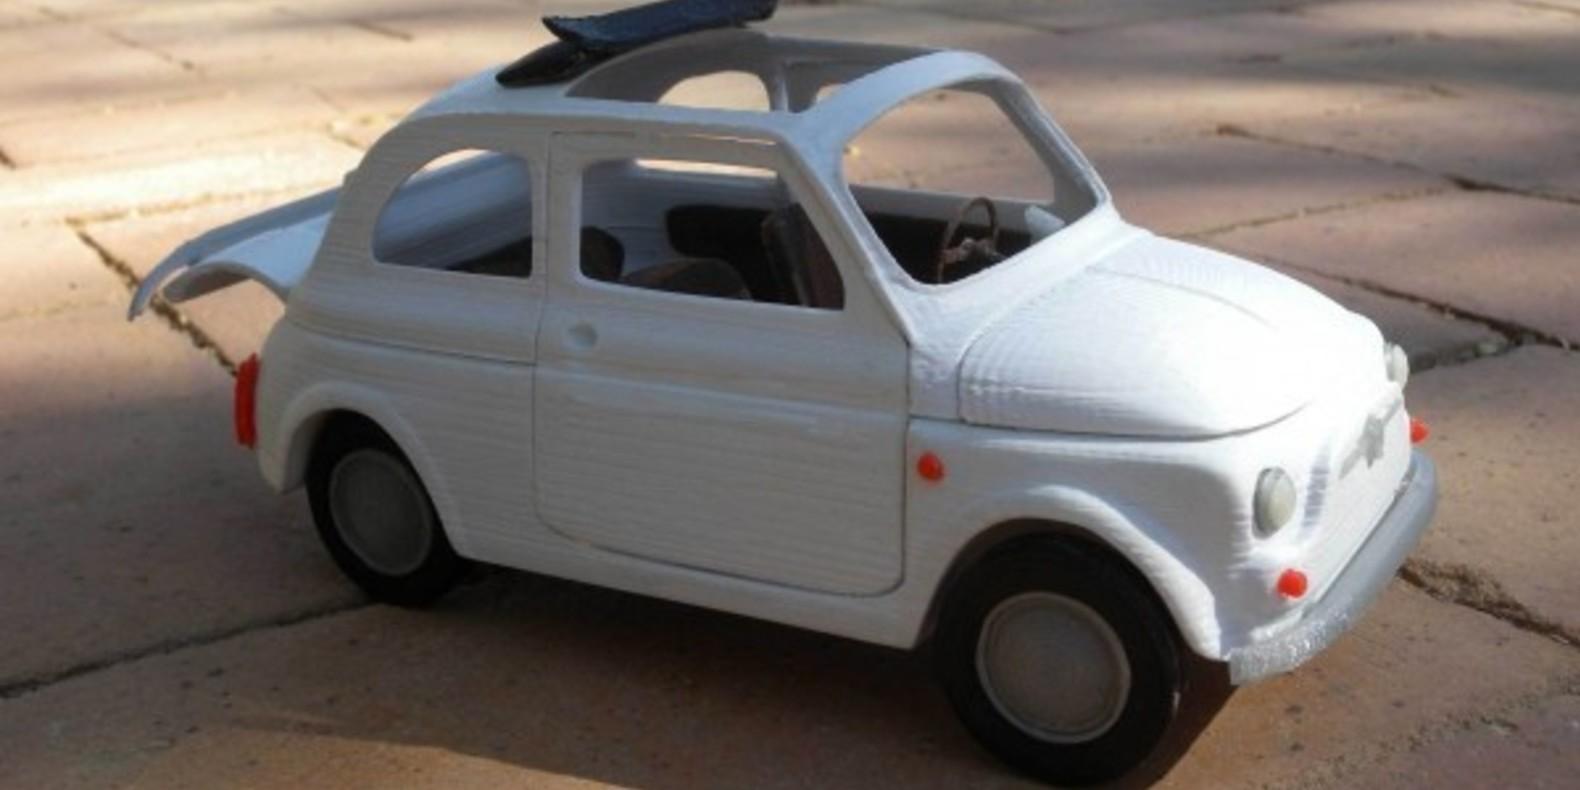 http://fichier3d.fr/wp-content/uploads/2015/01/Italian-Sixties-Car-2-Mao-Casella-Cults-e1421754116708.jpg